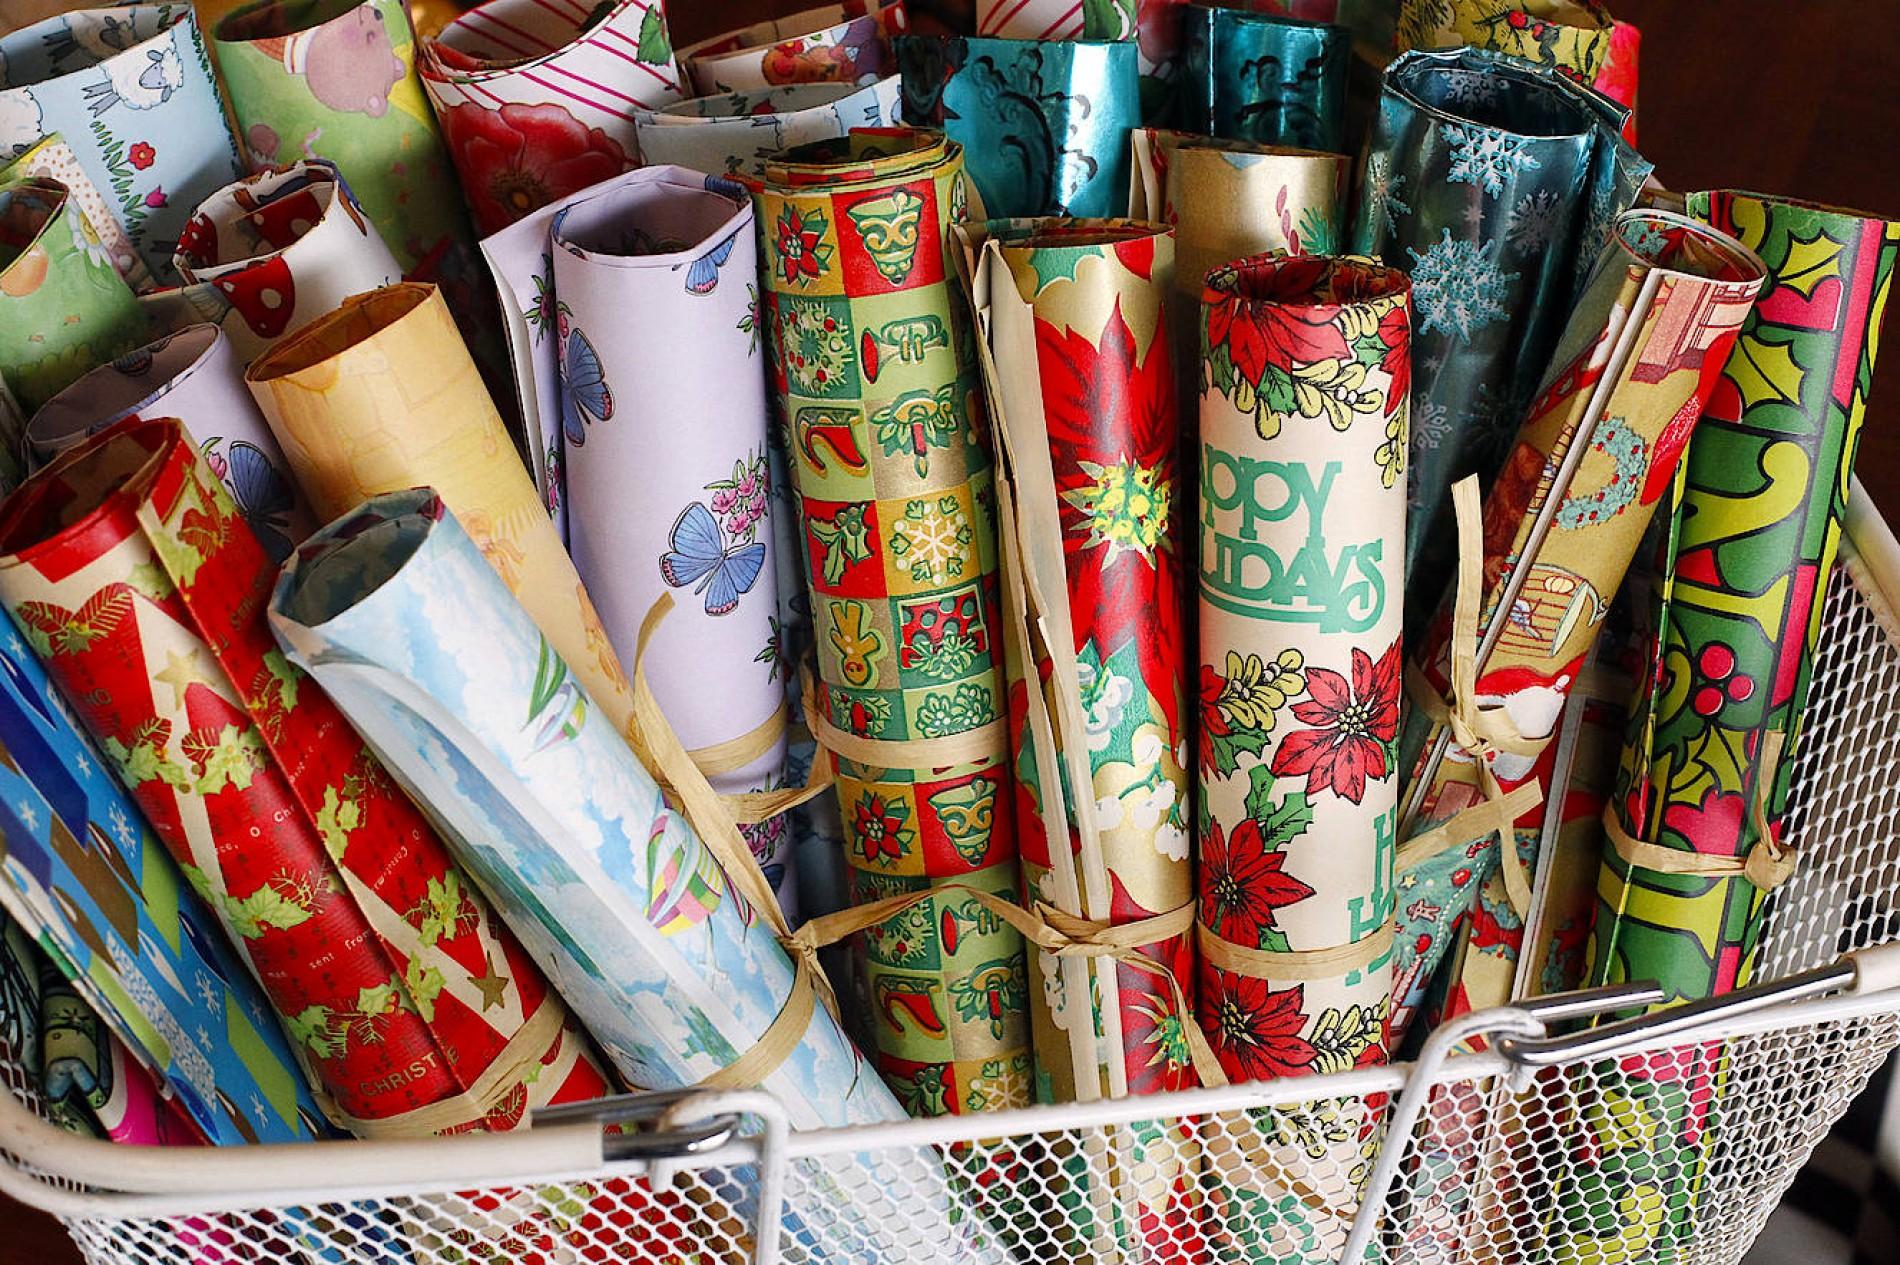 Kindern Erklärt Weihnachtsgeschenke Umweltfreundlich Verpacken